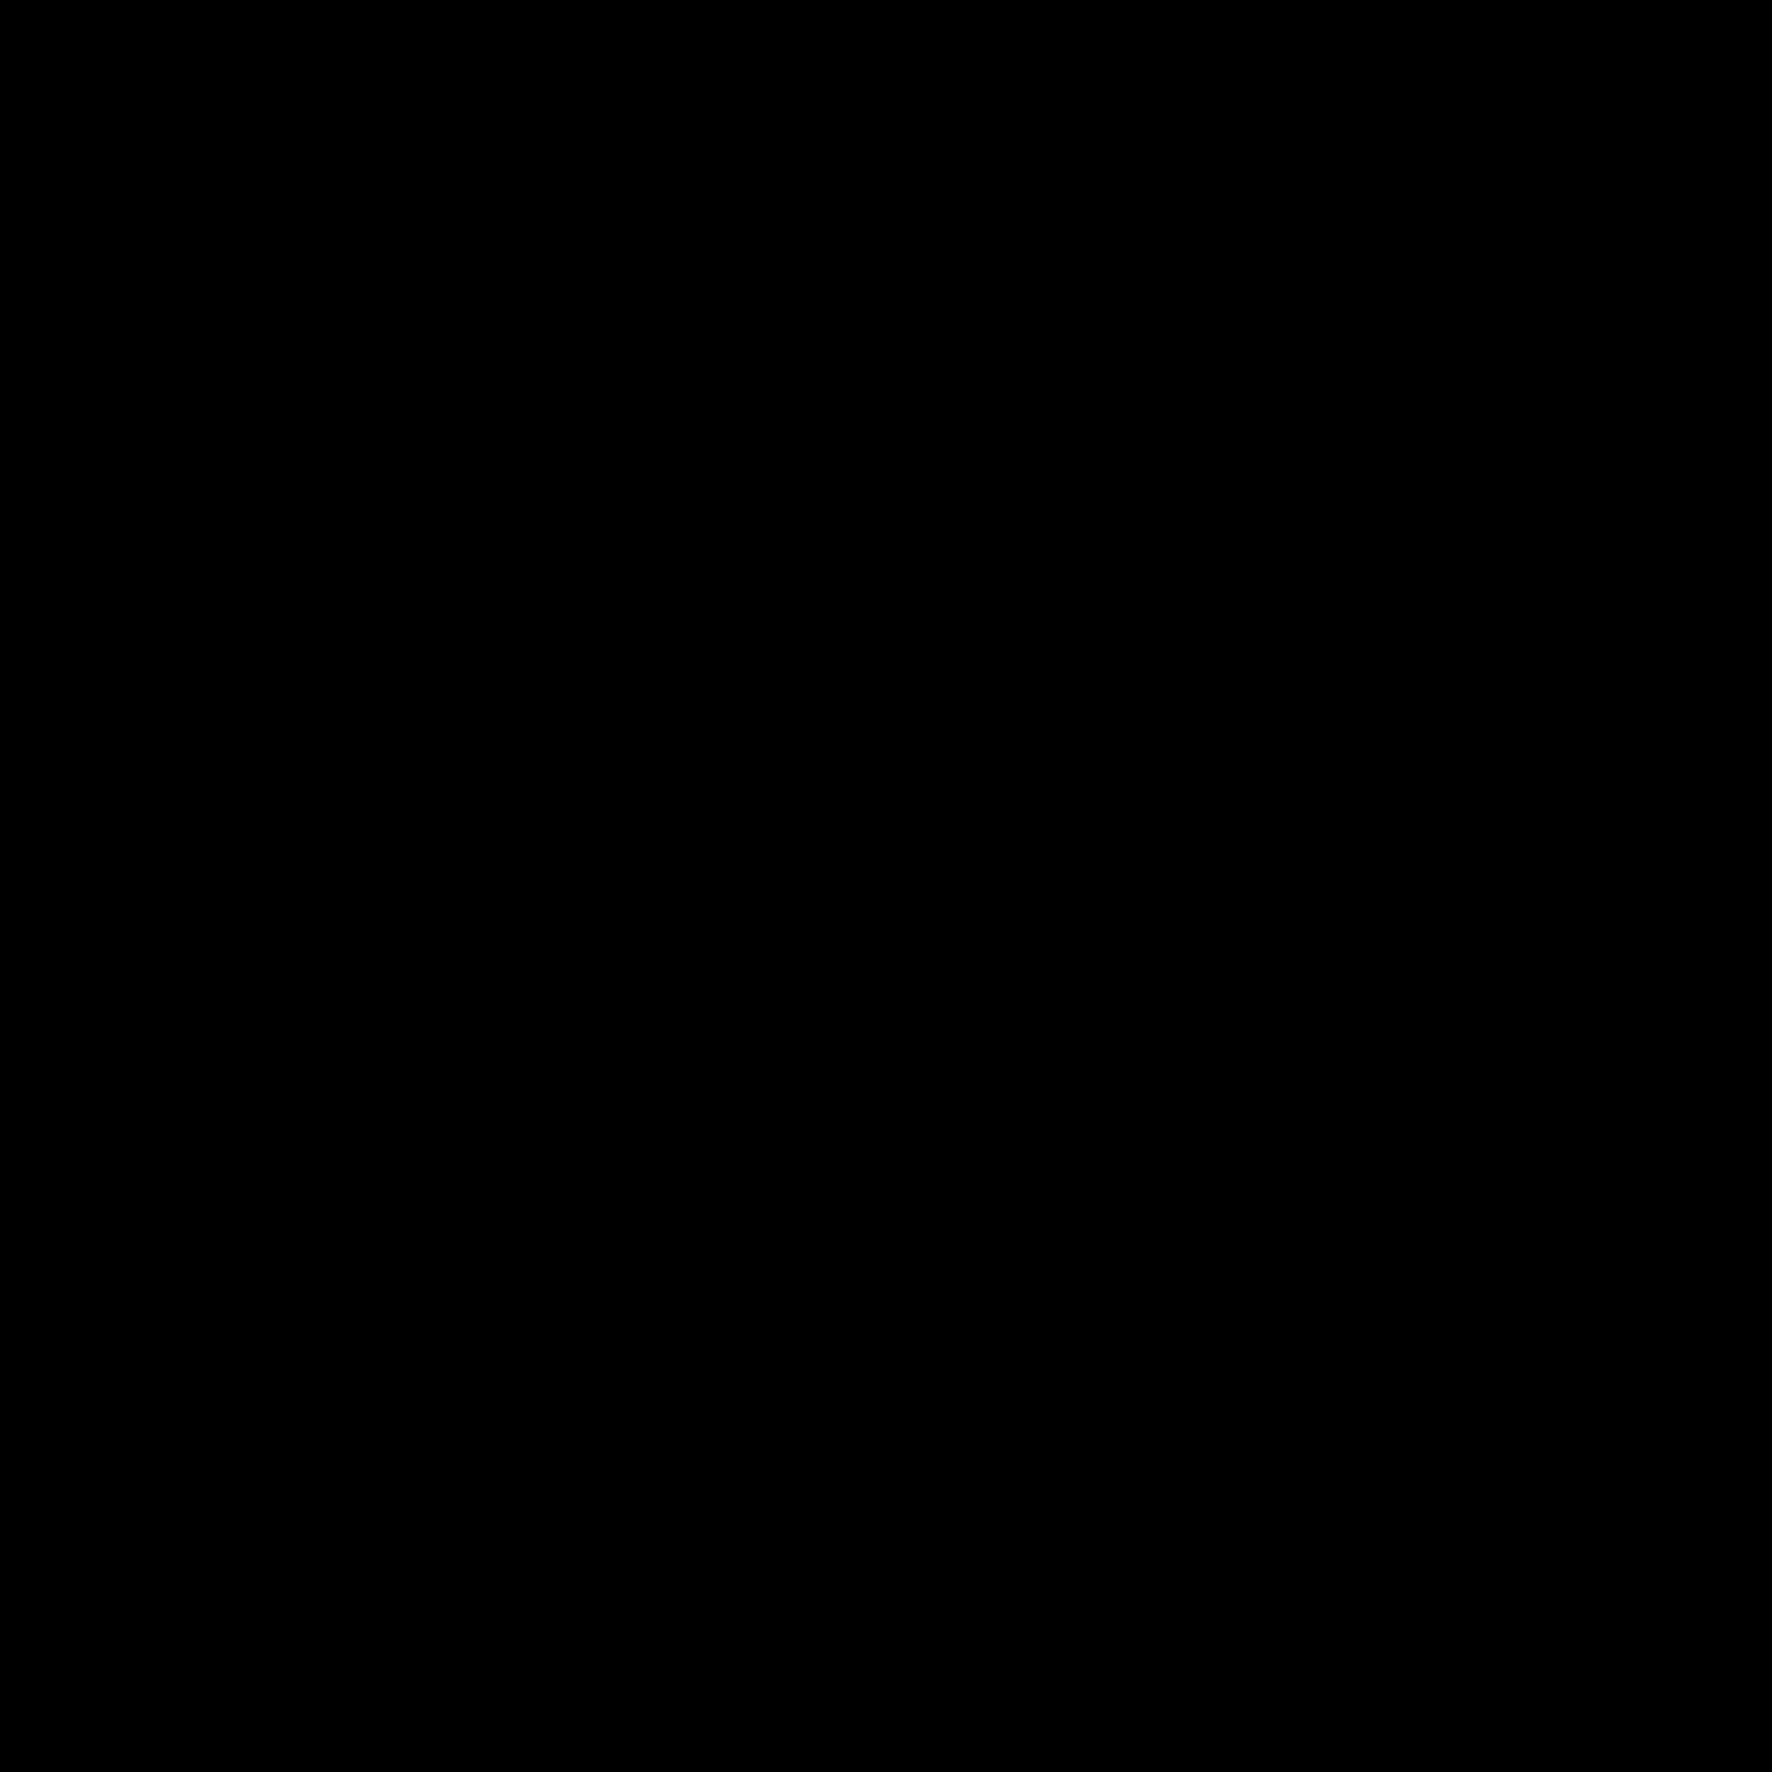 sabine-karusseit